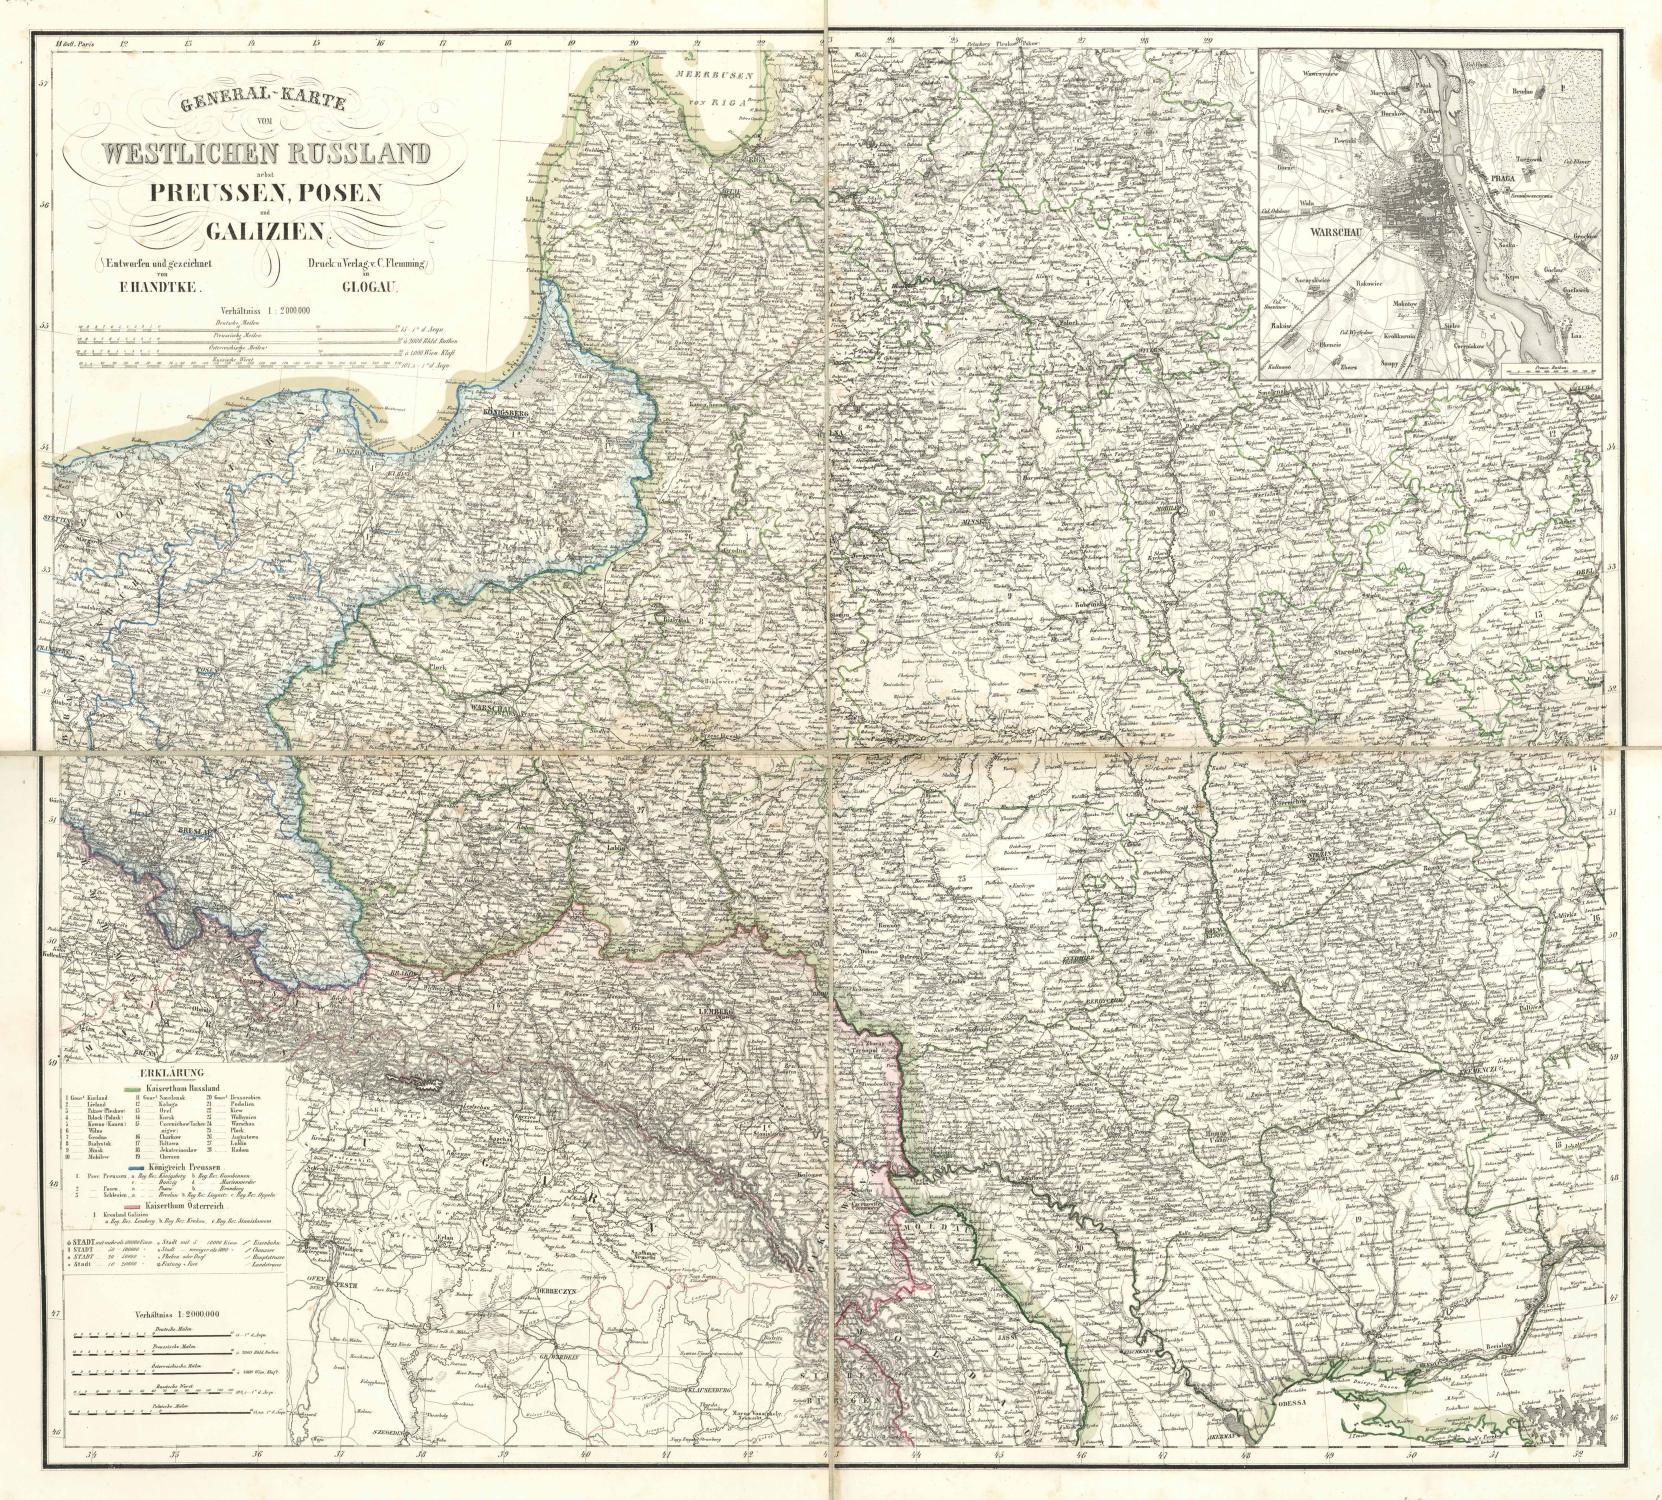 Galizien Karte.General Karte Vom Westlichen Russland Nebst